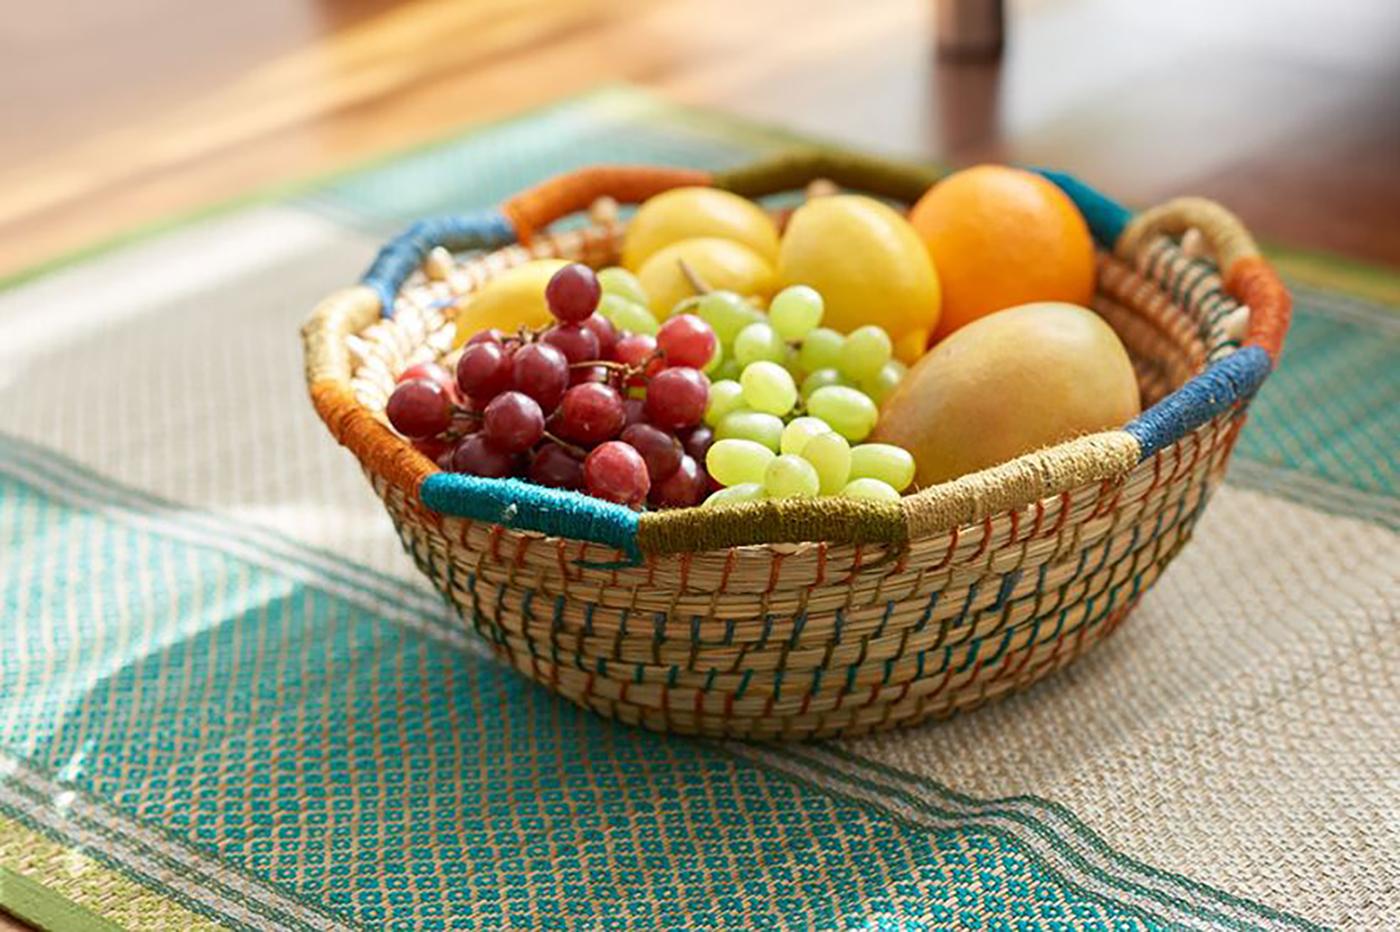 주뜨 과일 바스켓(S/M)/집 안의 좋은 포인트가 되어 주는 감성 바스켓 상세이미지1